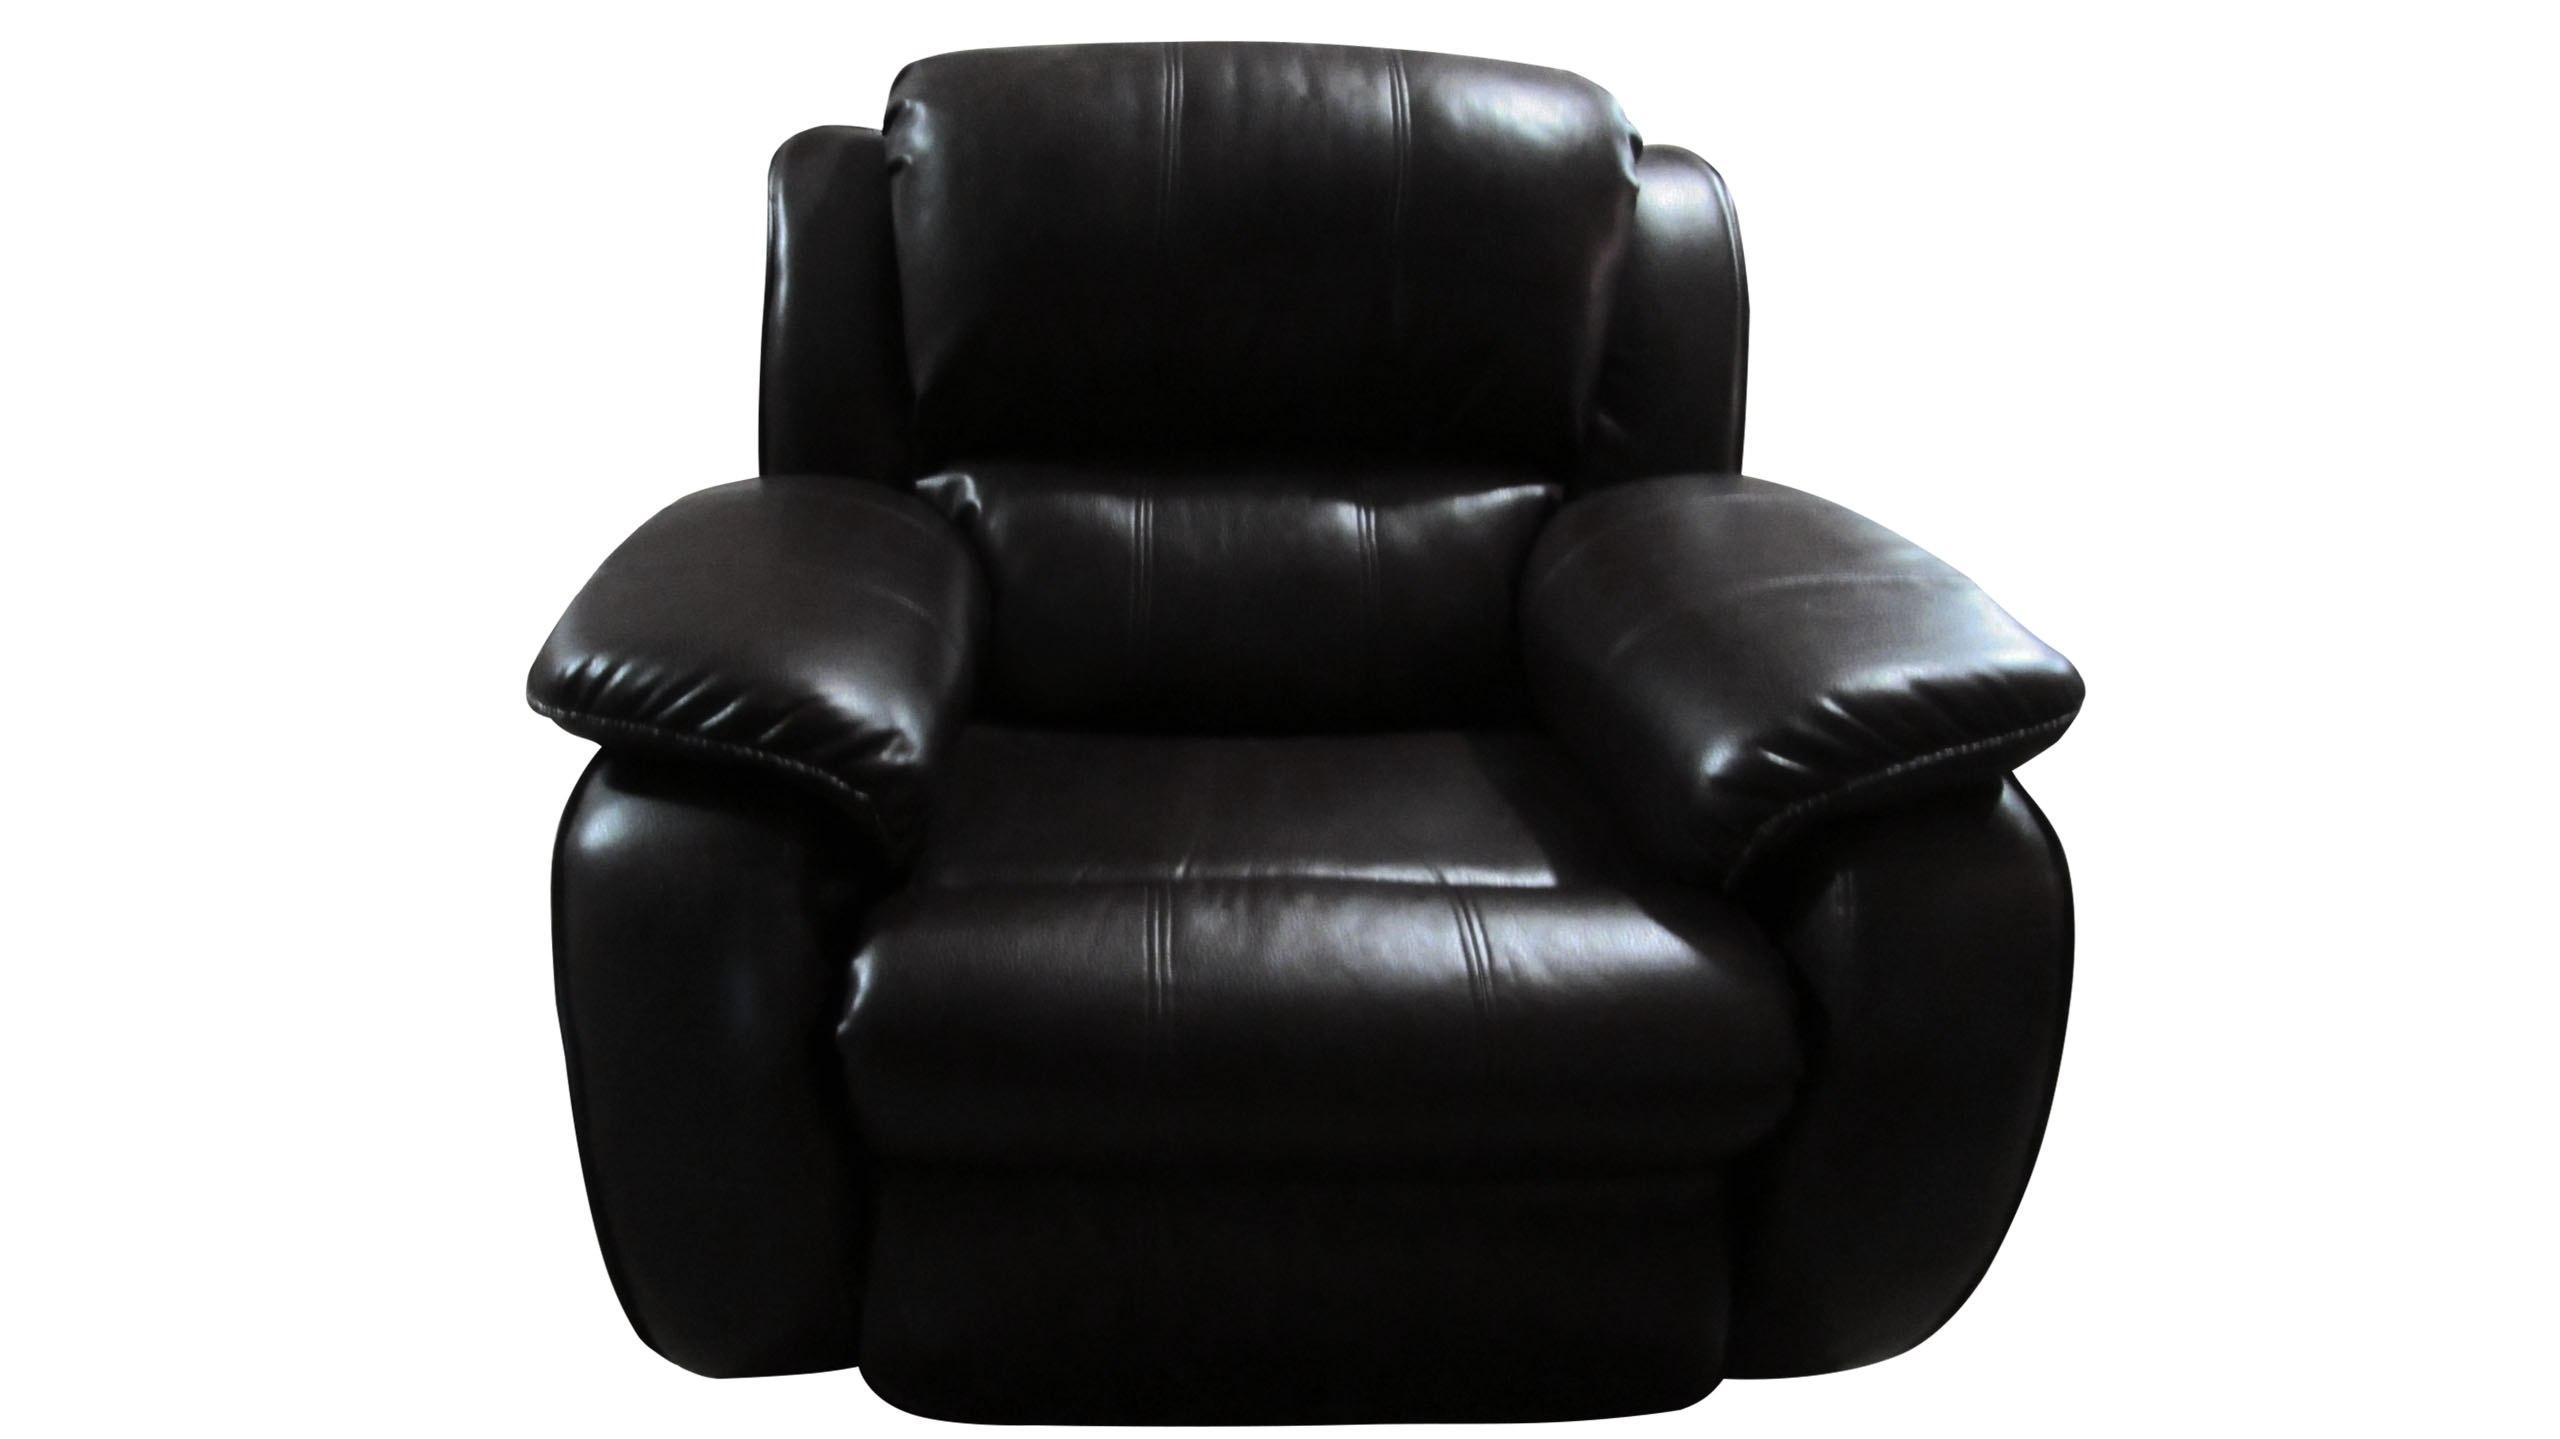 Кресло-реклайнер — удобный отдых в любое время (22 фото) 88